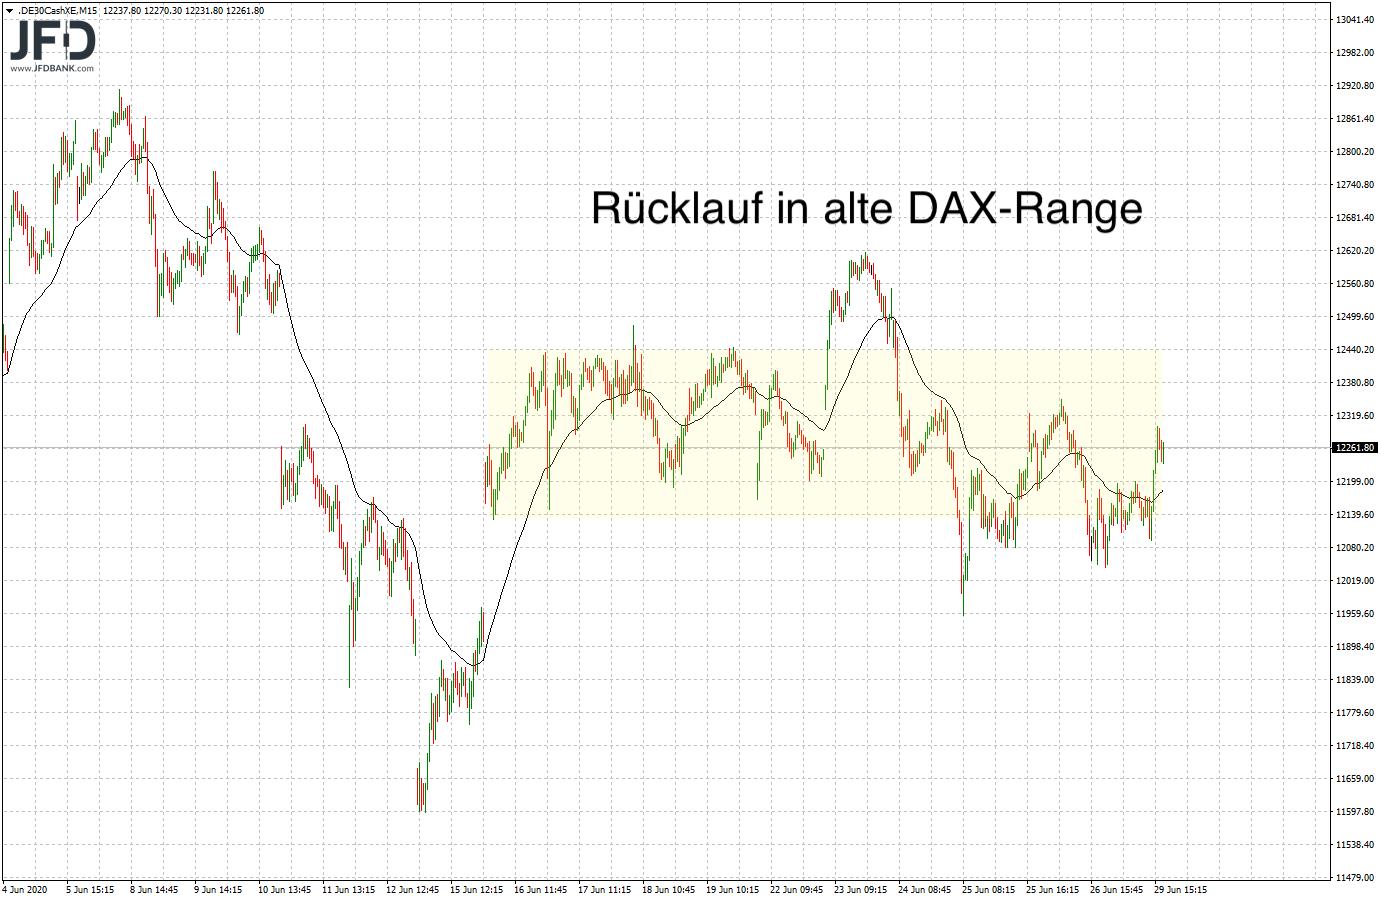 DAX-Range der letzten 10 Handelstage